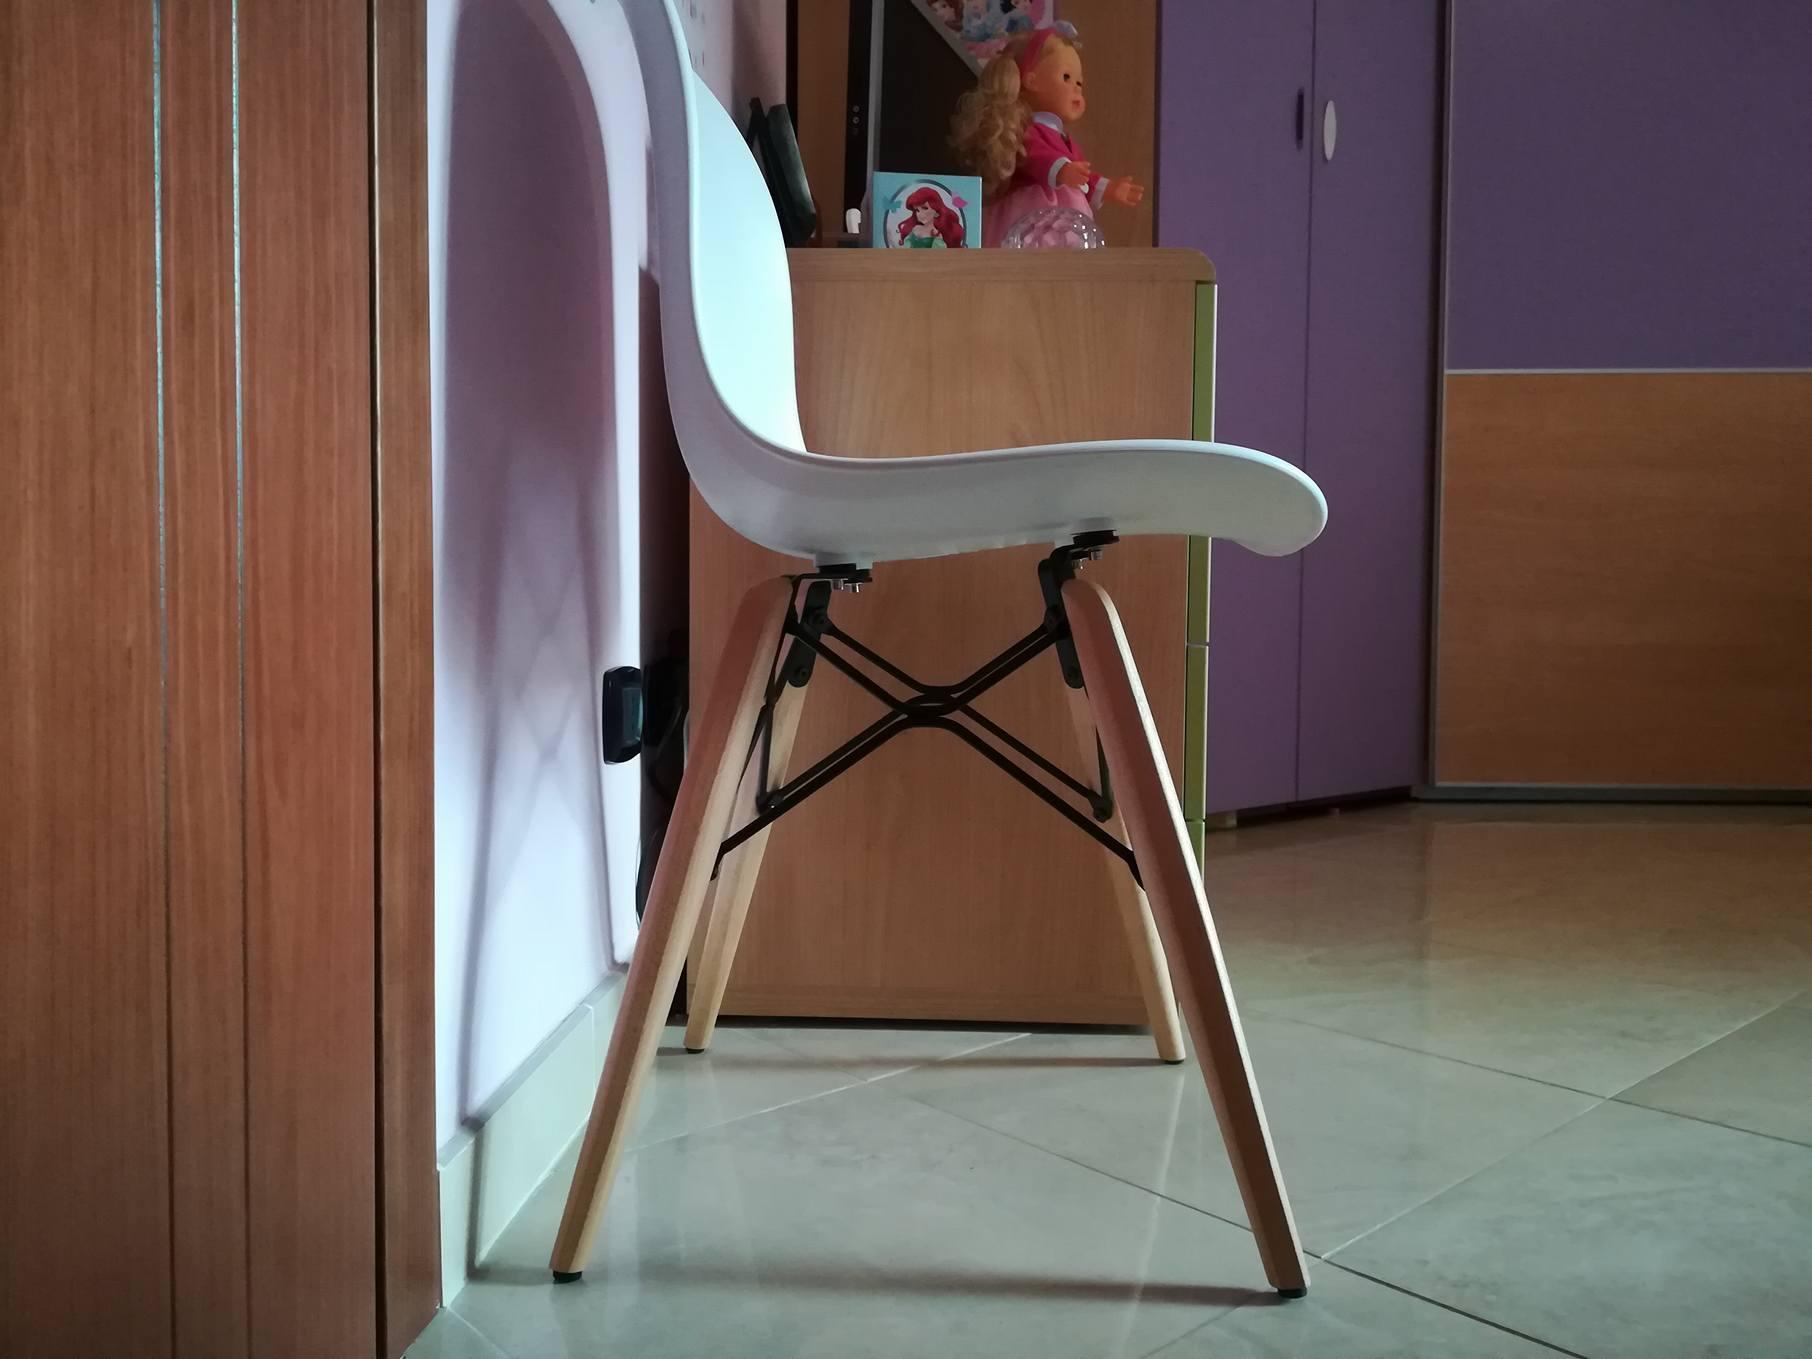 Bristol una sedia solo una sedia a spasso con bea for Black friday arredamento